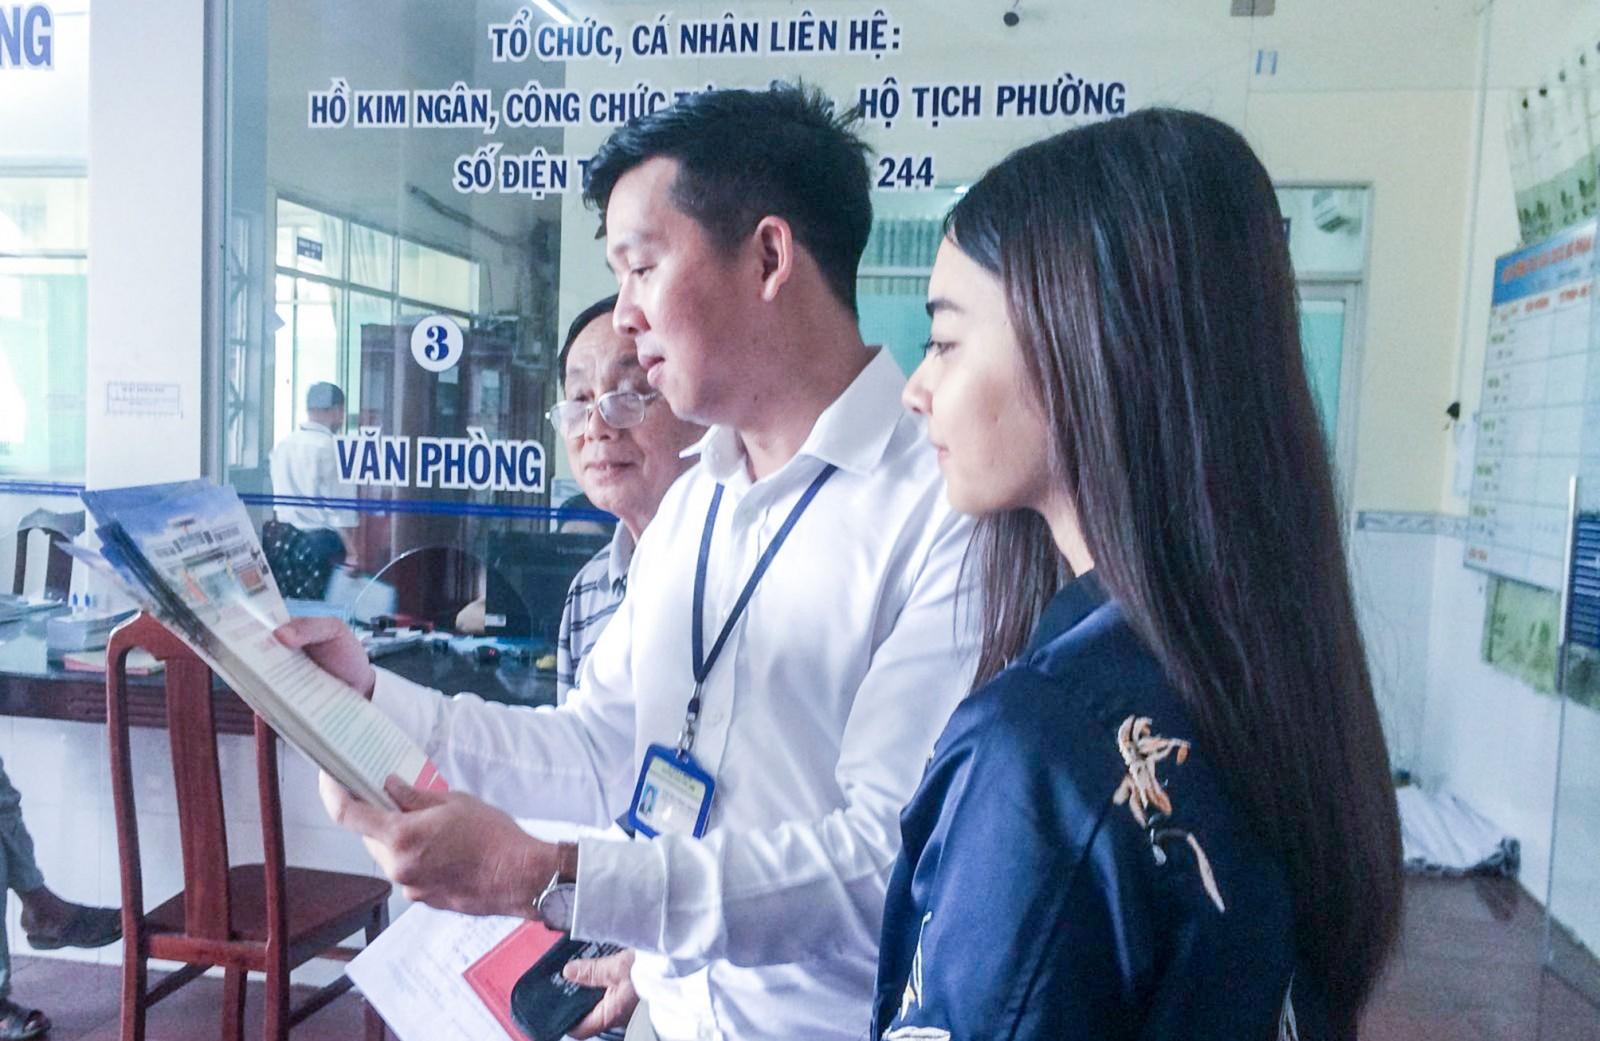 Công chức bộ phận một cửa phường hướng dẫn người dân về thủ tục hành chính. Ảnh: ANH DŨNG